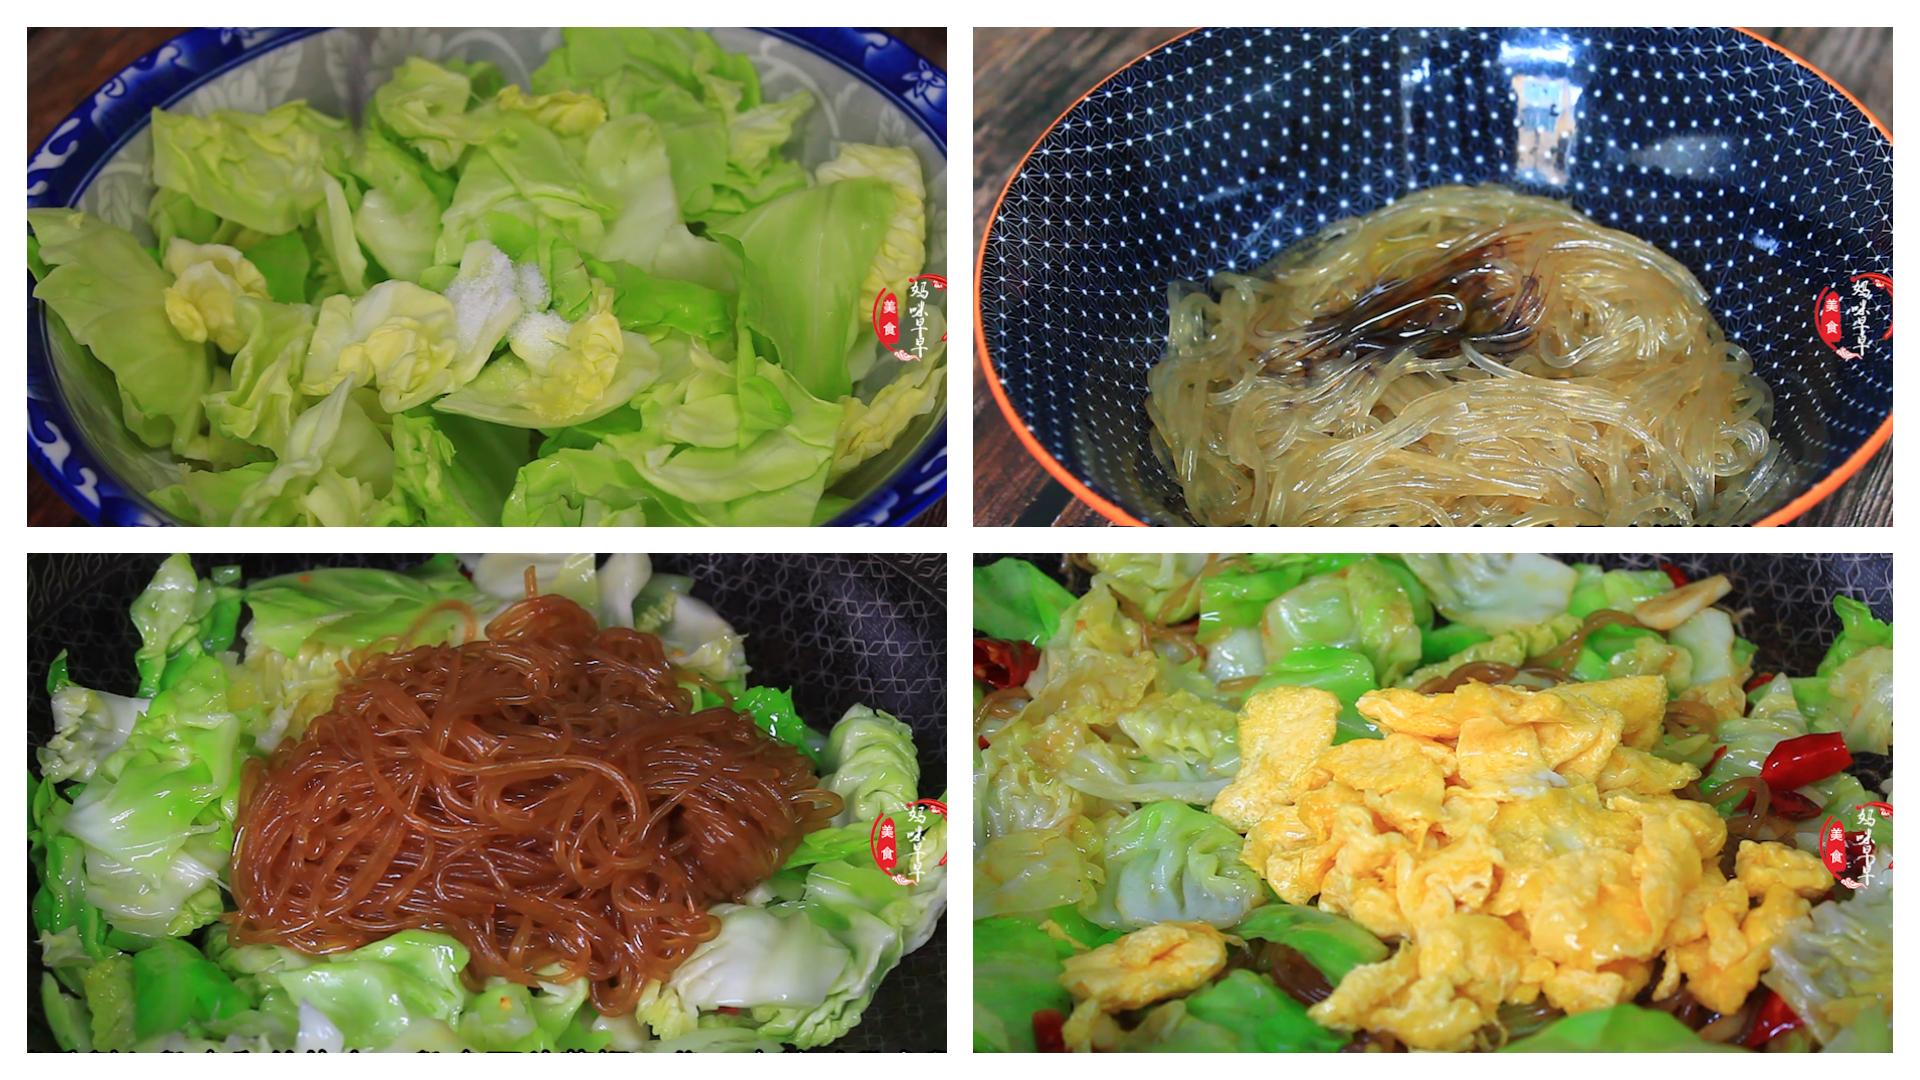 入秋,推荐8道好吃的家常菜,做法易学,营养防秋燥,一周不重样